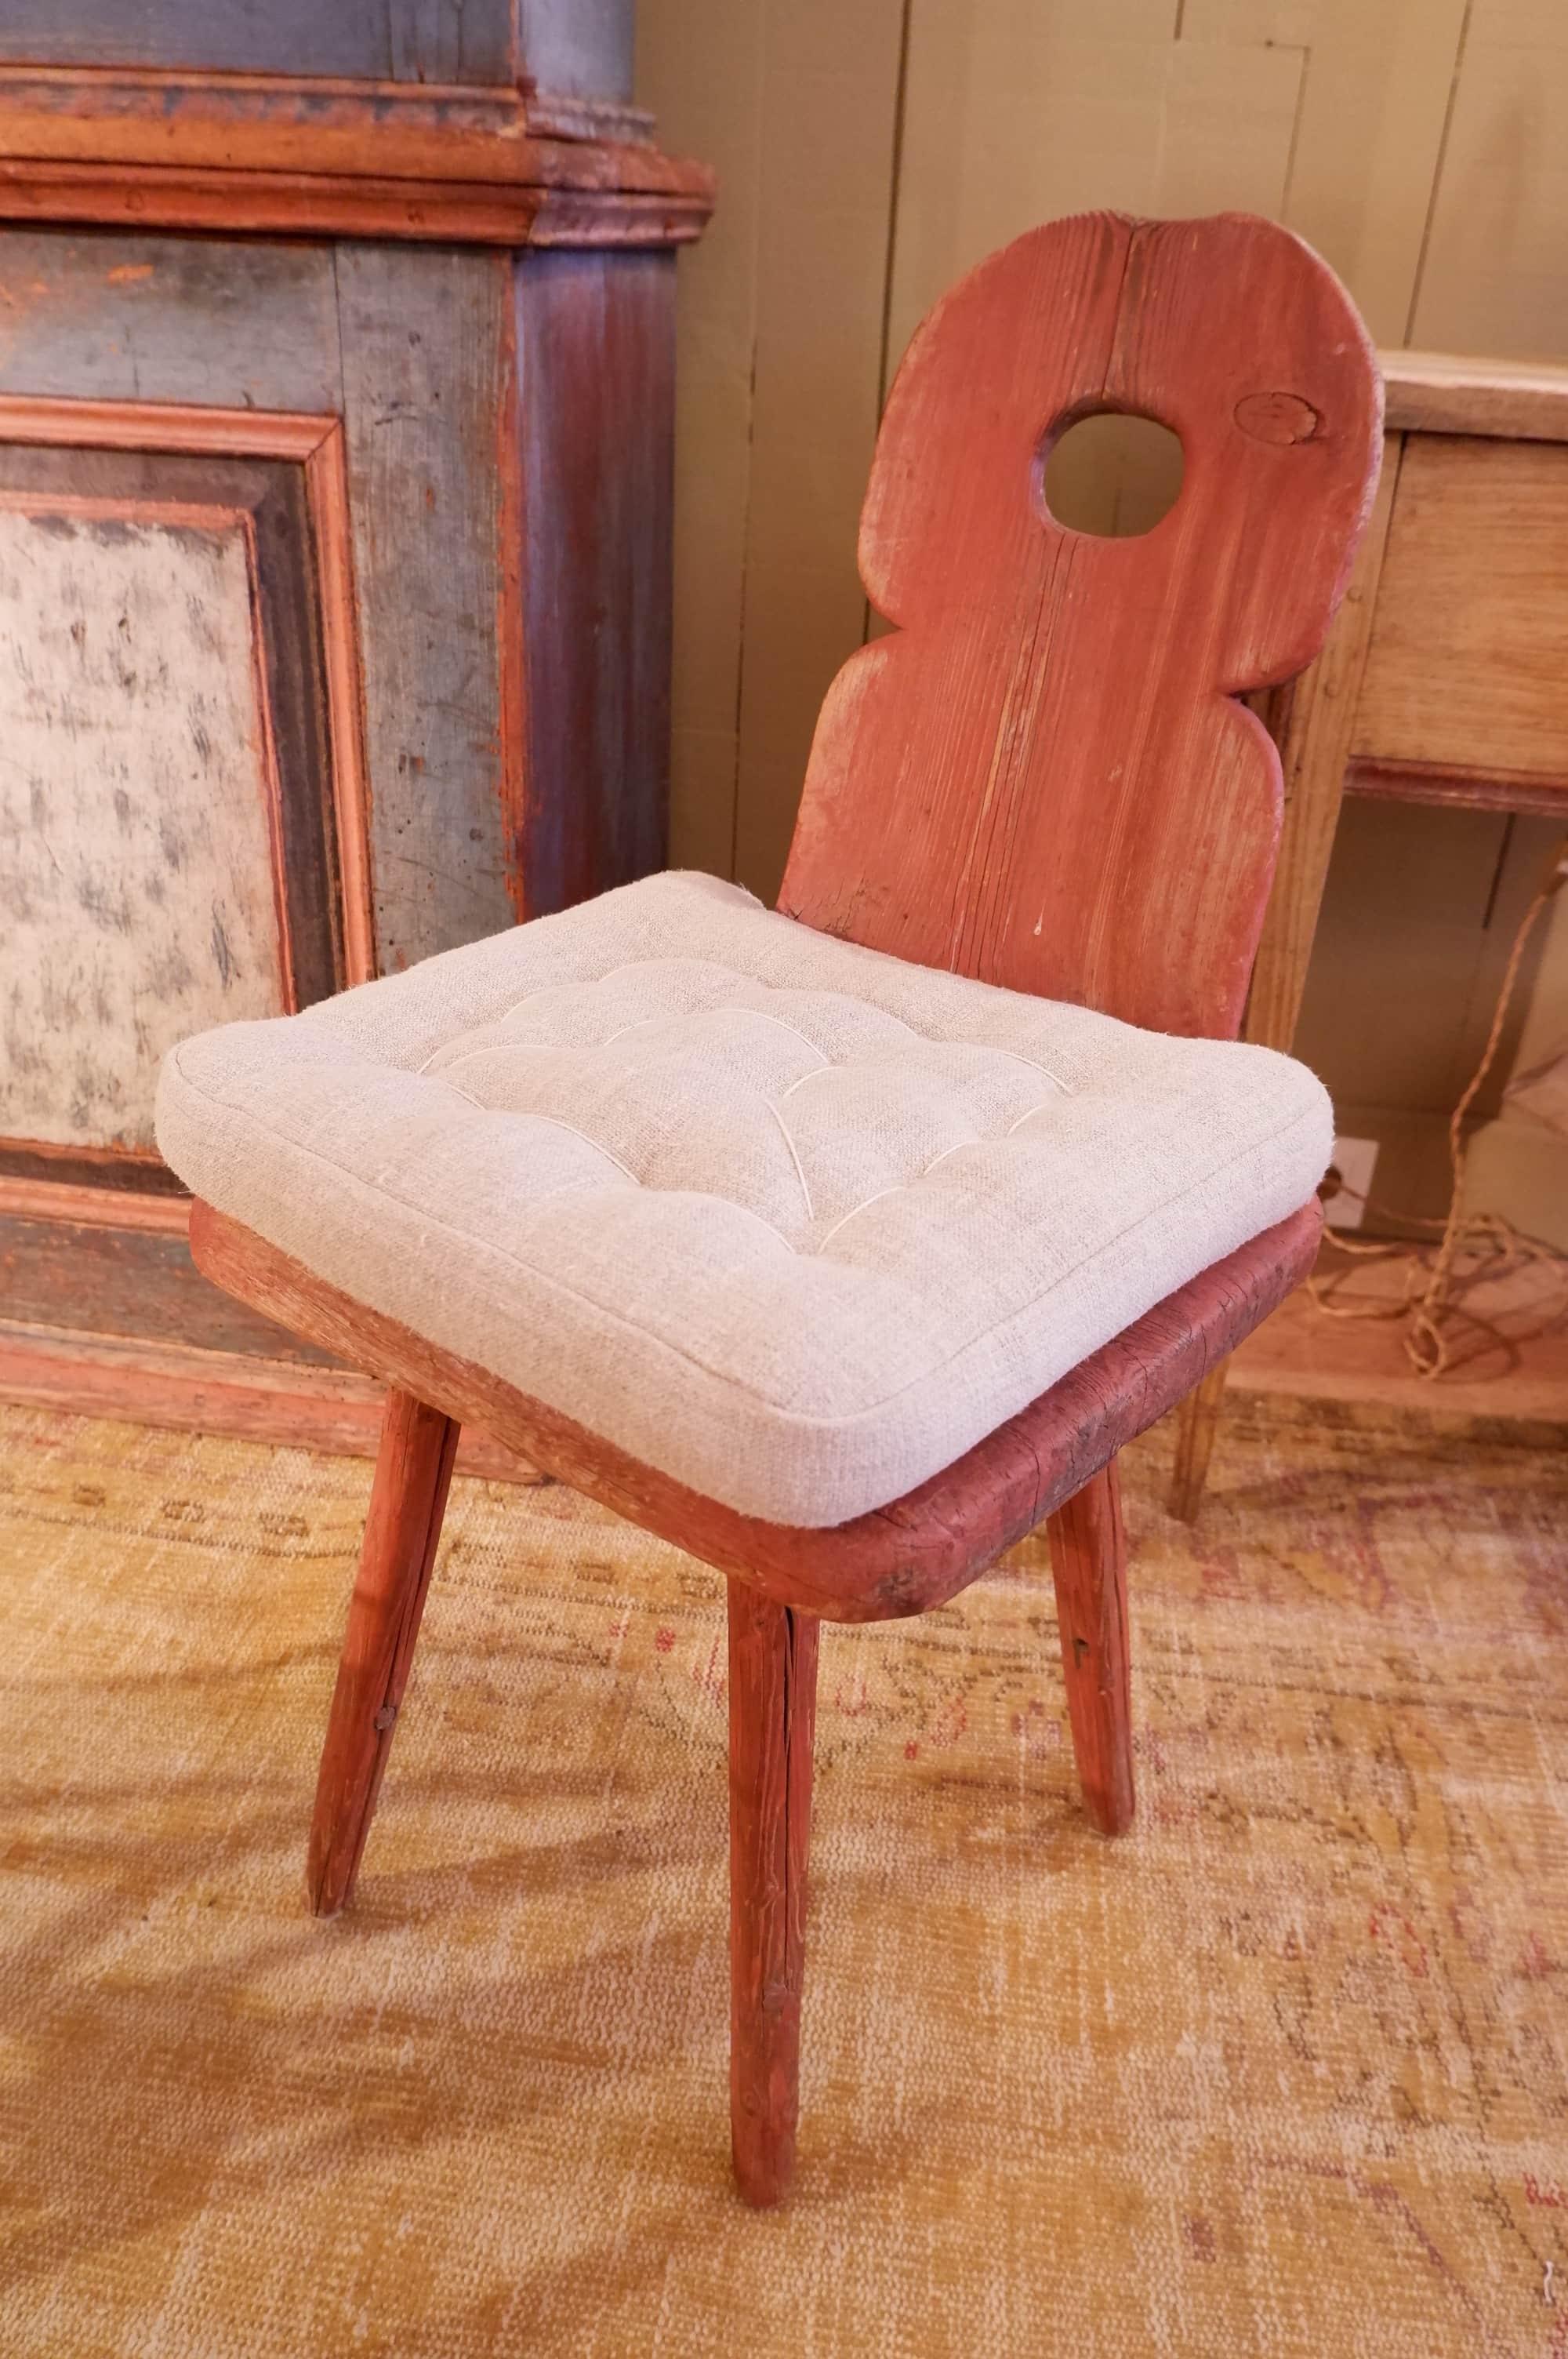 Chaise d'âtre suédoise patine rouge pale – Art populaire XIXe